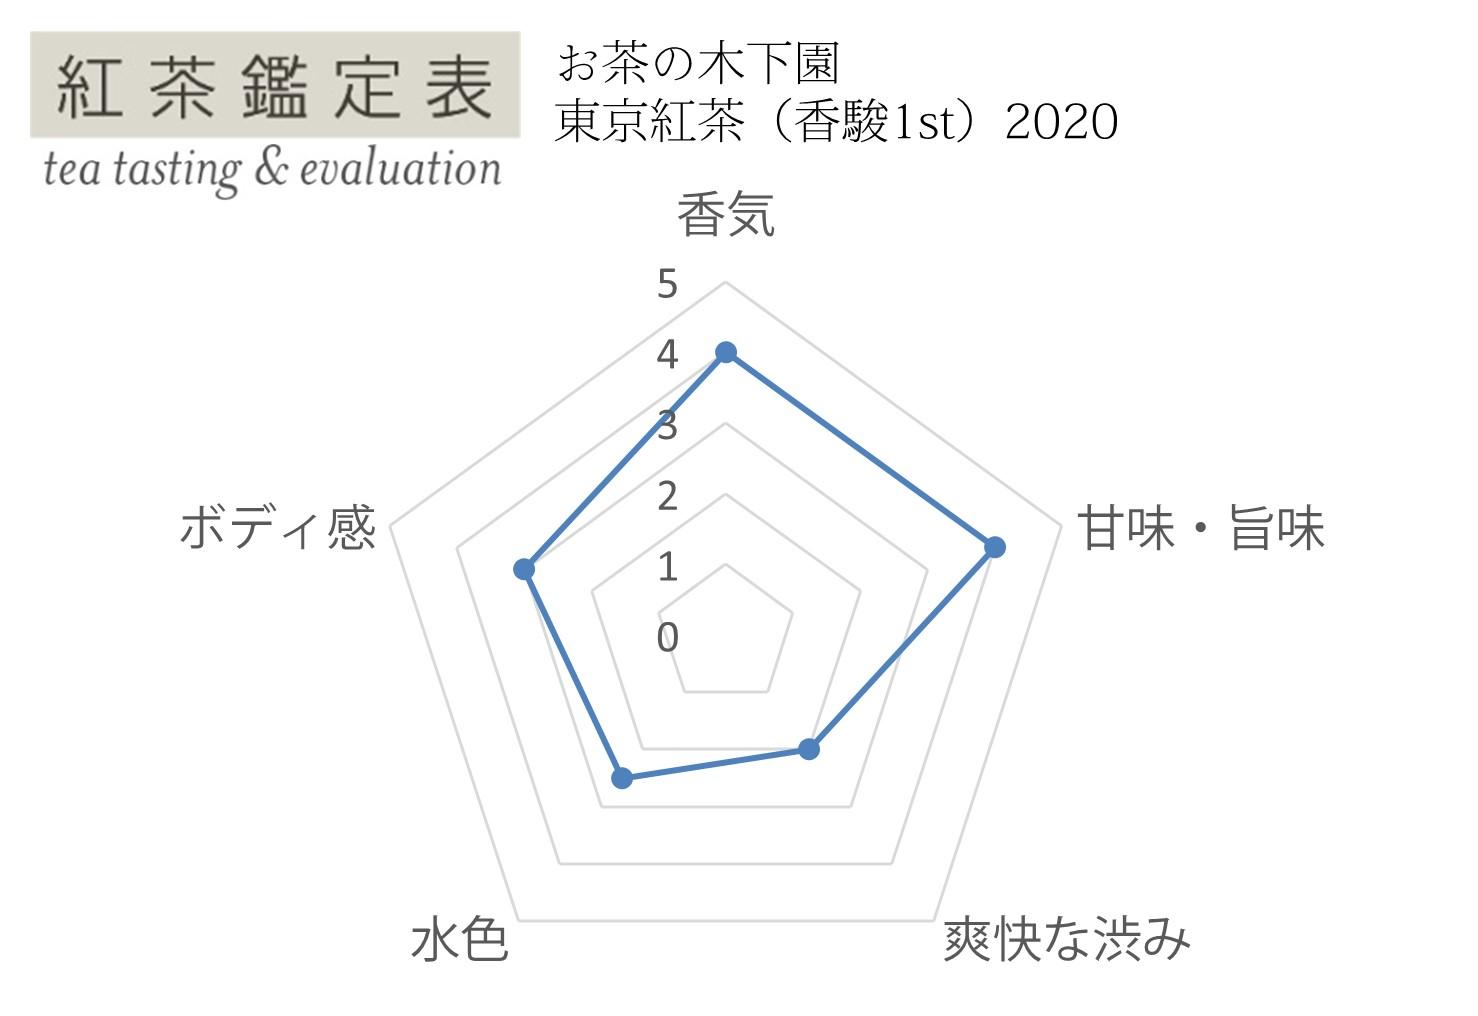 【紅茶鑑定表】お茶の木下園 香駿1st